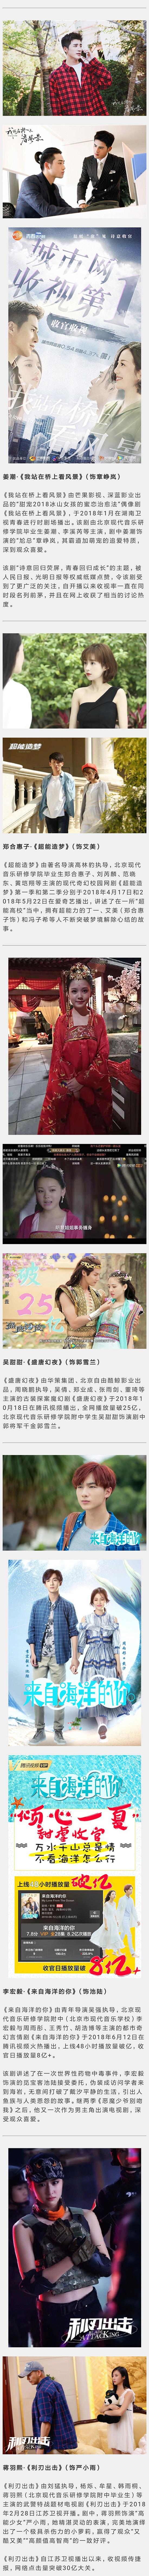 北京现代音乐研修学院附中刘家祎(刘奇)出演热播剧《小欢喜》饰林磊儿